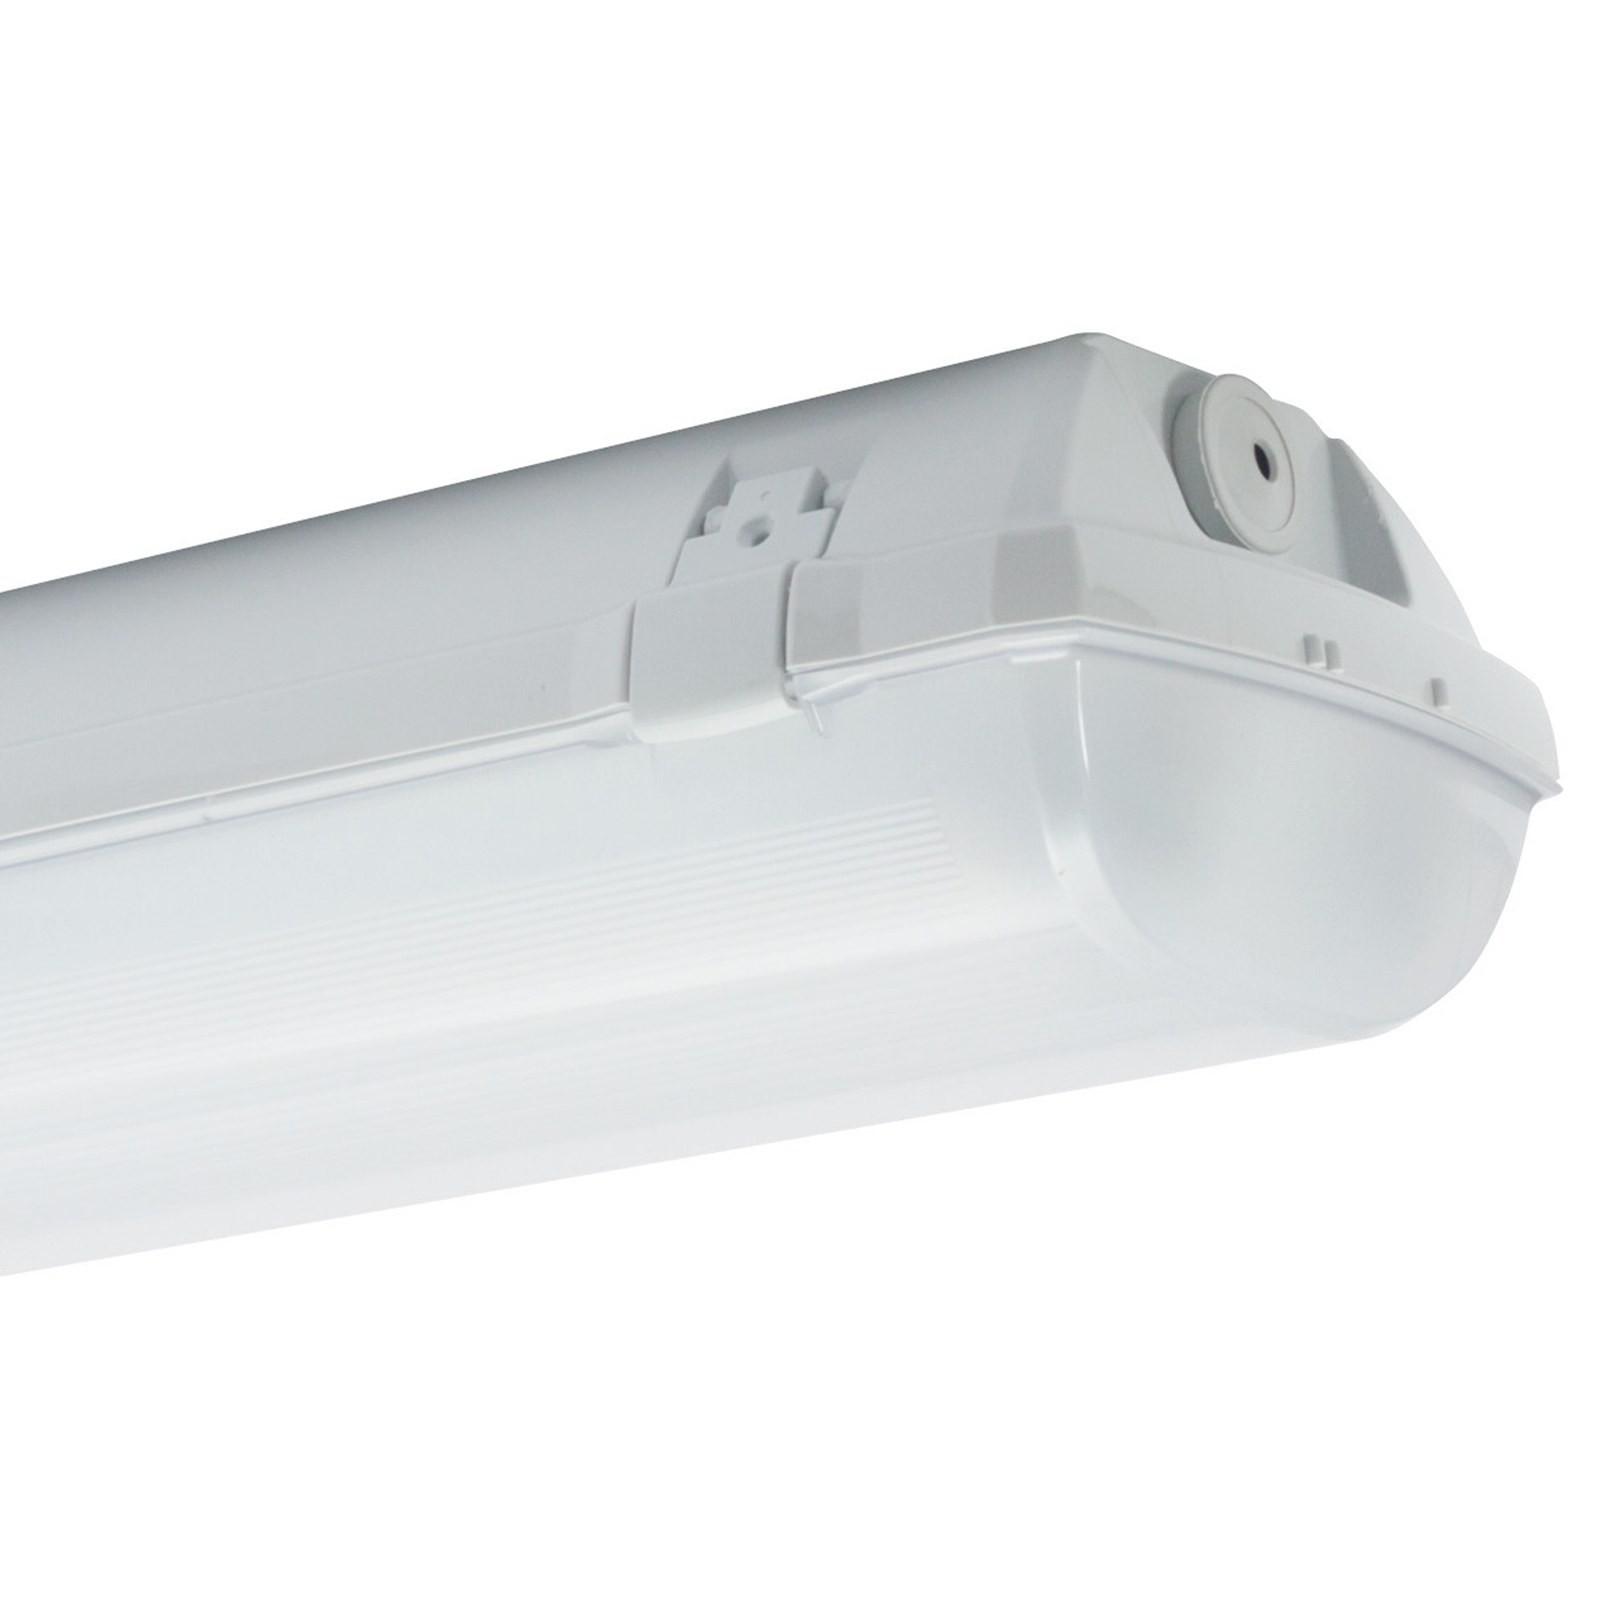 Plafoniera Doppio Neon 150 cm LED Stagna Impermeabile Esterno Tubo T8 Lampada Vultech Life AMC ...